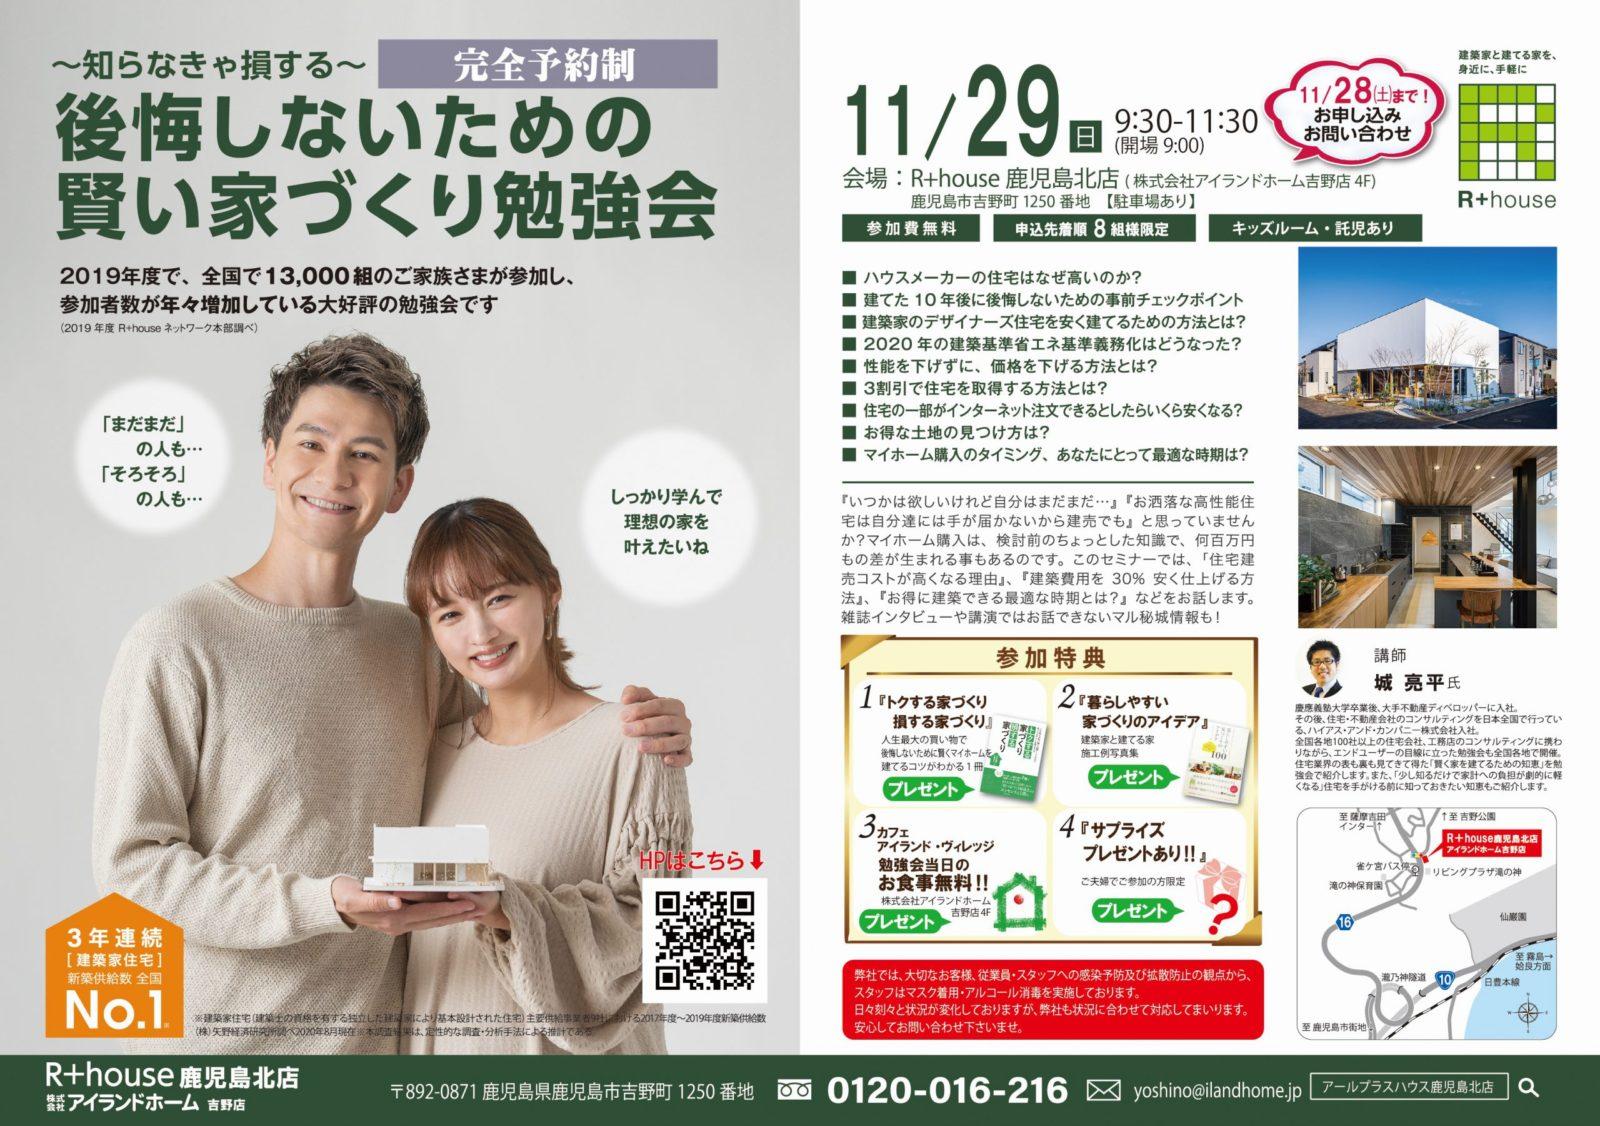 鹿児島市吉野町のアイランドホーム吉野店で 後悔しないための賢い家づくり勉強会